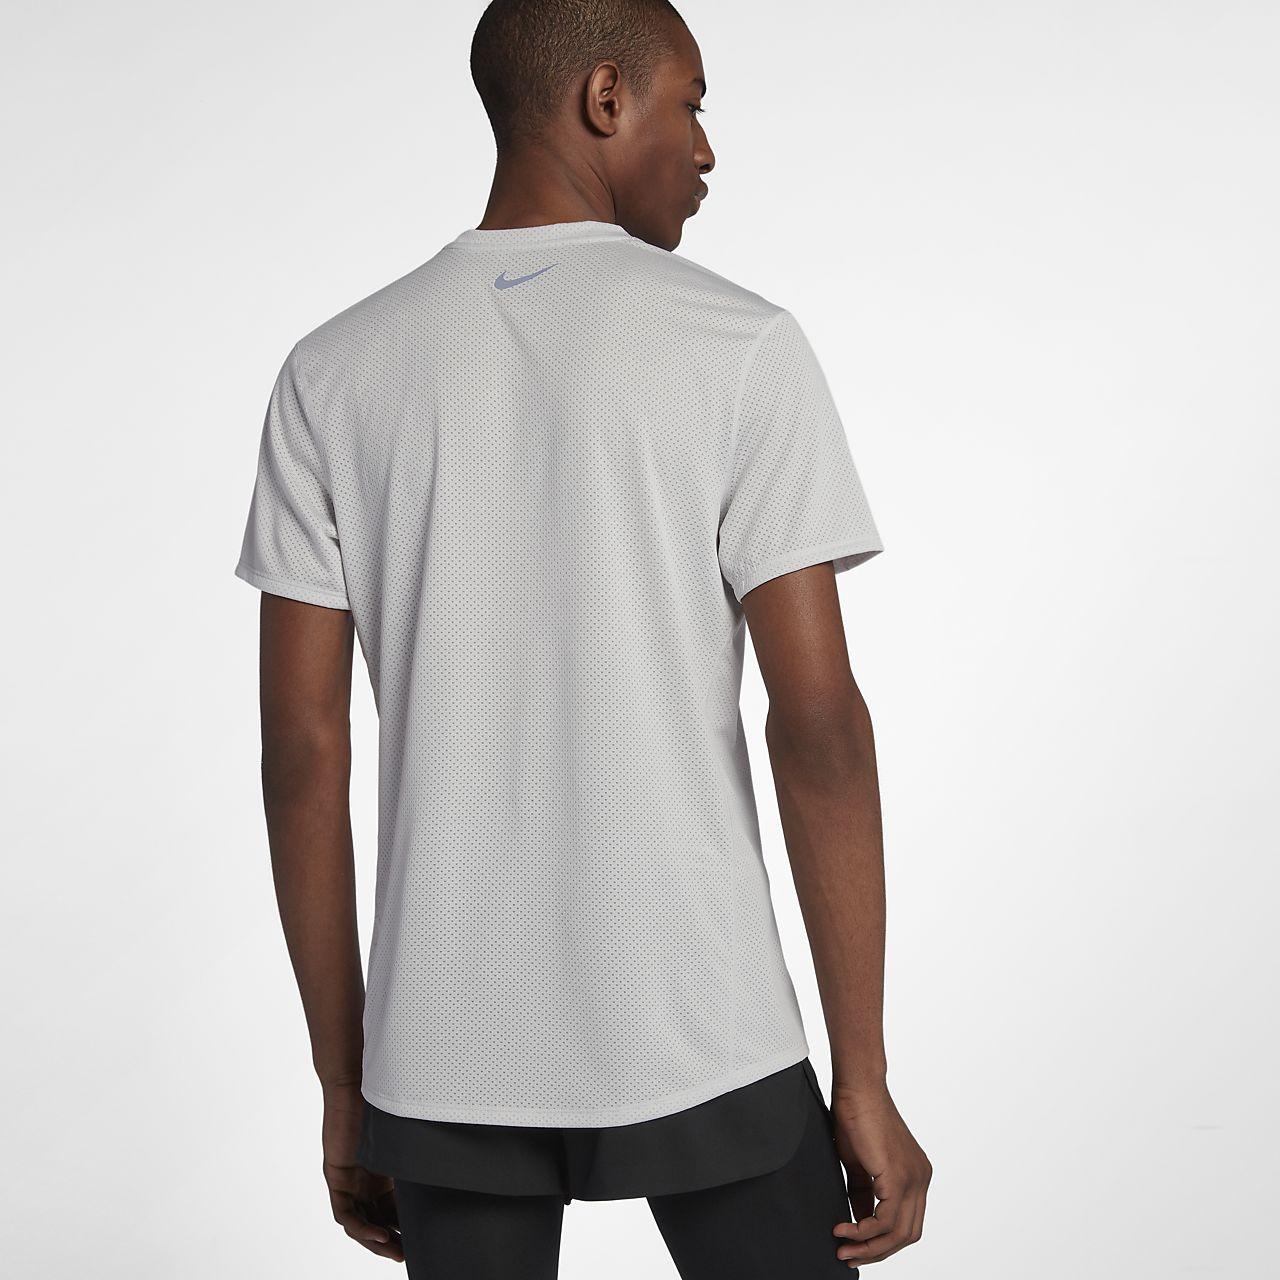 6f6bebc38926 Pánské běžecké tričko Nike Dri-FIT Miler Cool s krátkým rukávem ...